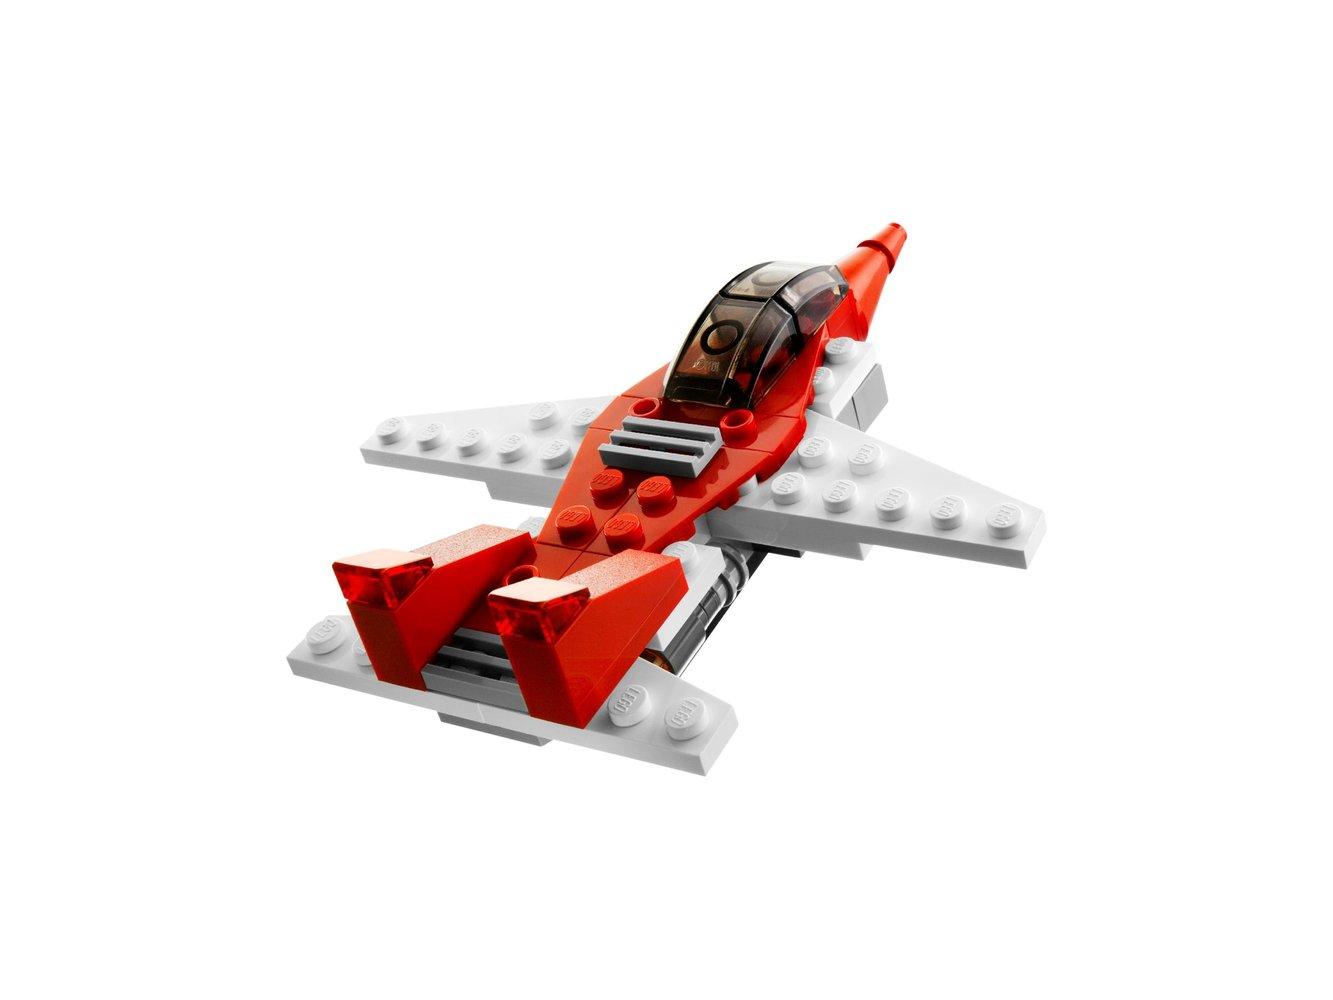 Mini Jet